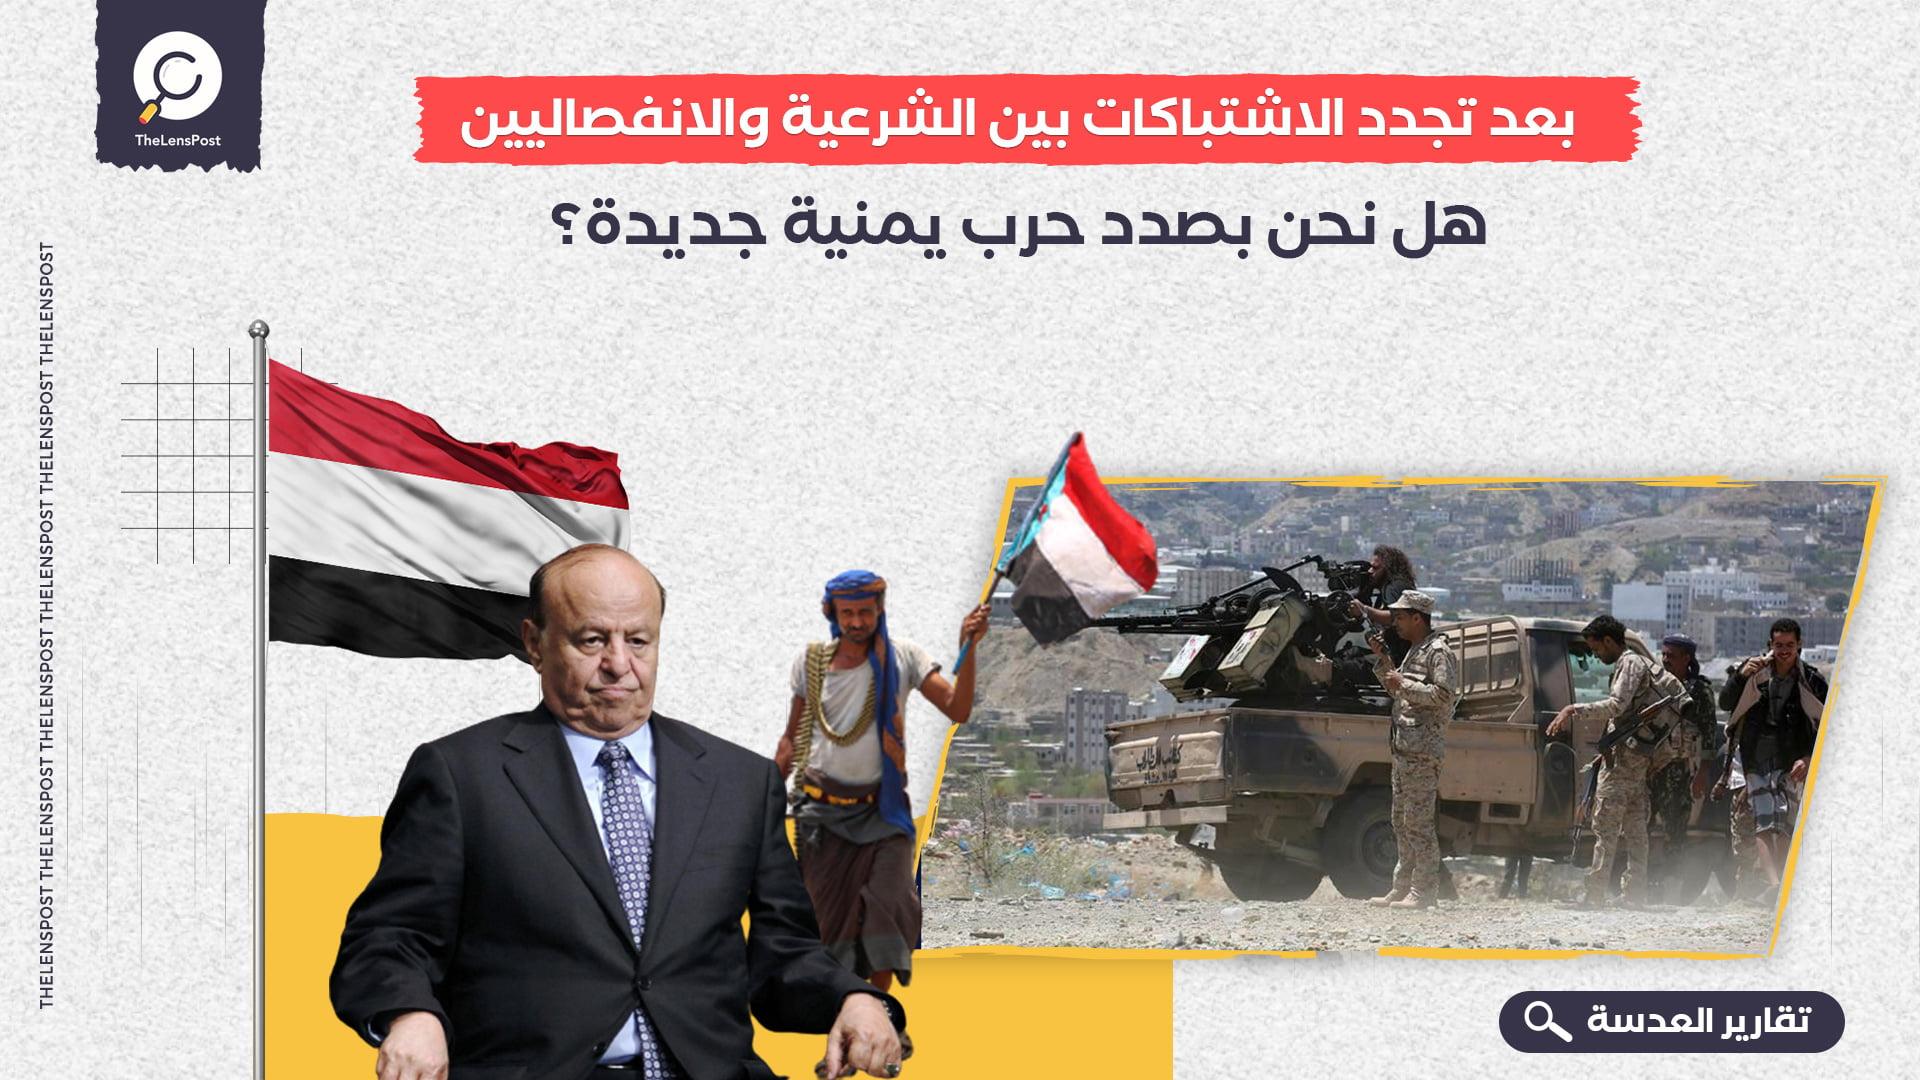 بعد تجدد الاشتباكات بين الشرعية والانفصاليين.. هل نحن بصدد حرب يمنية جديدة؟